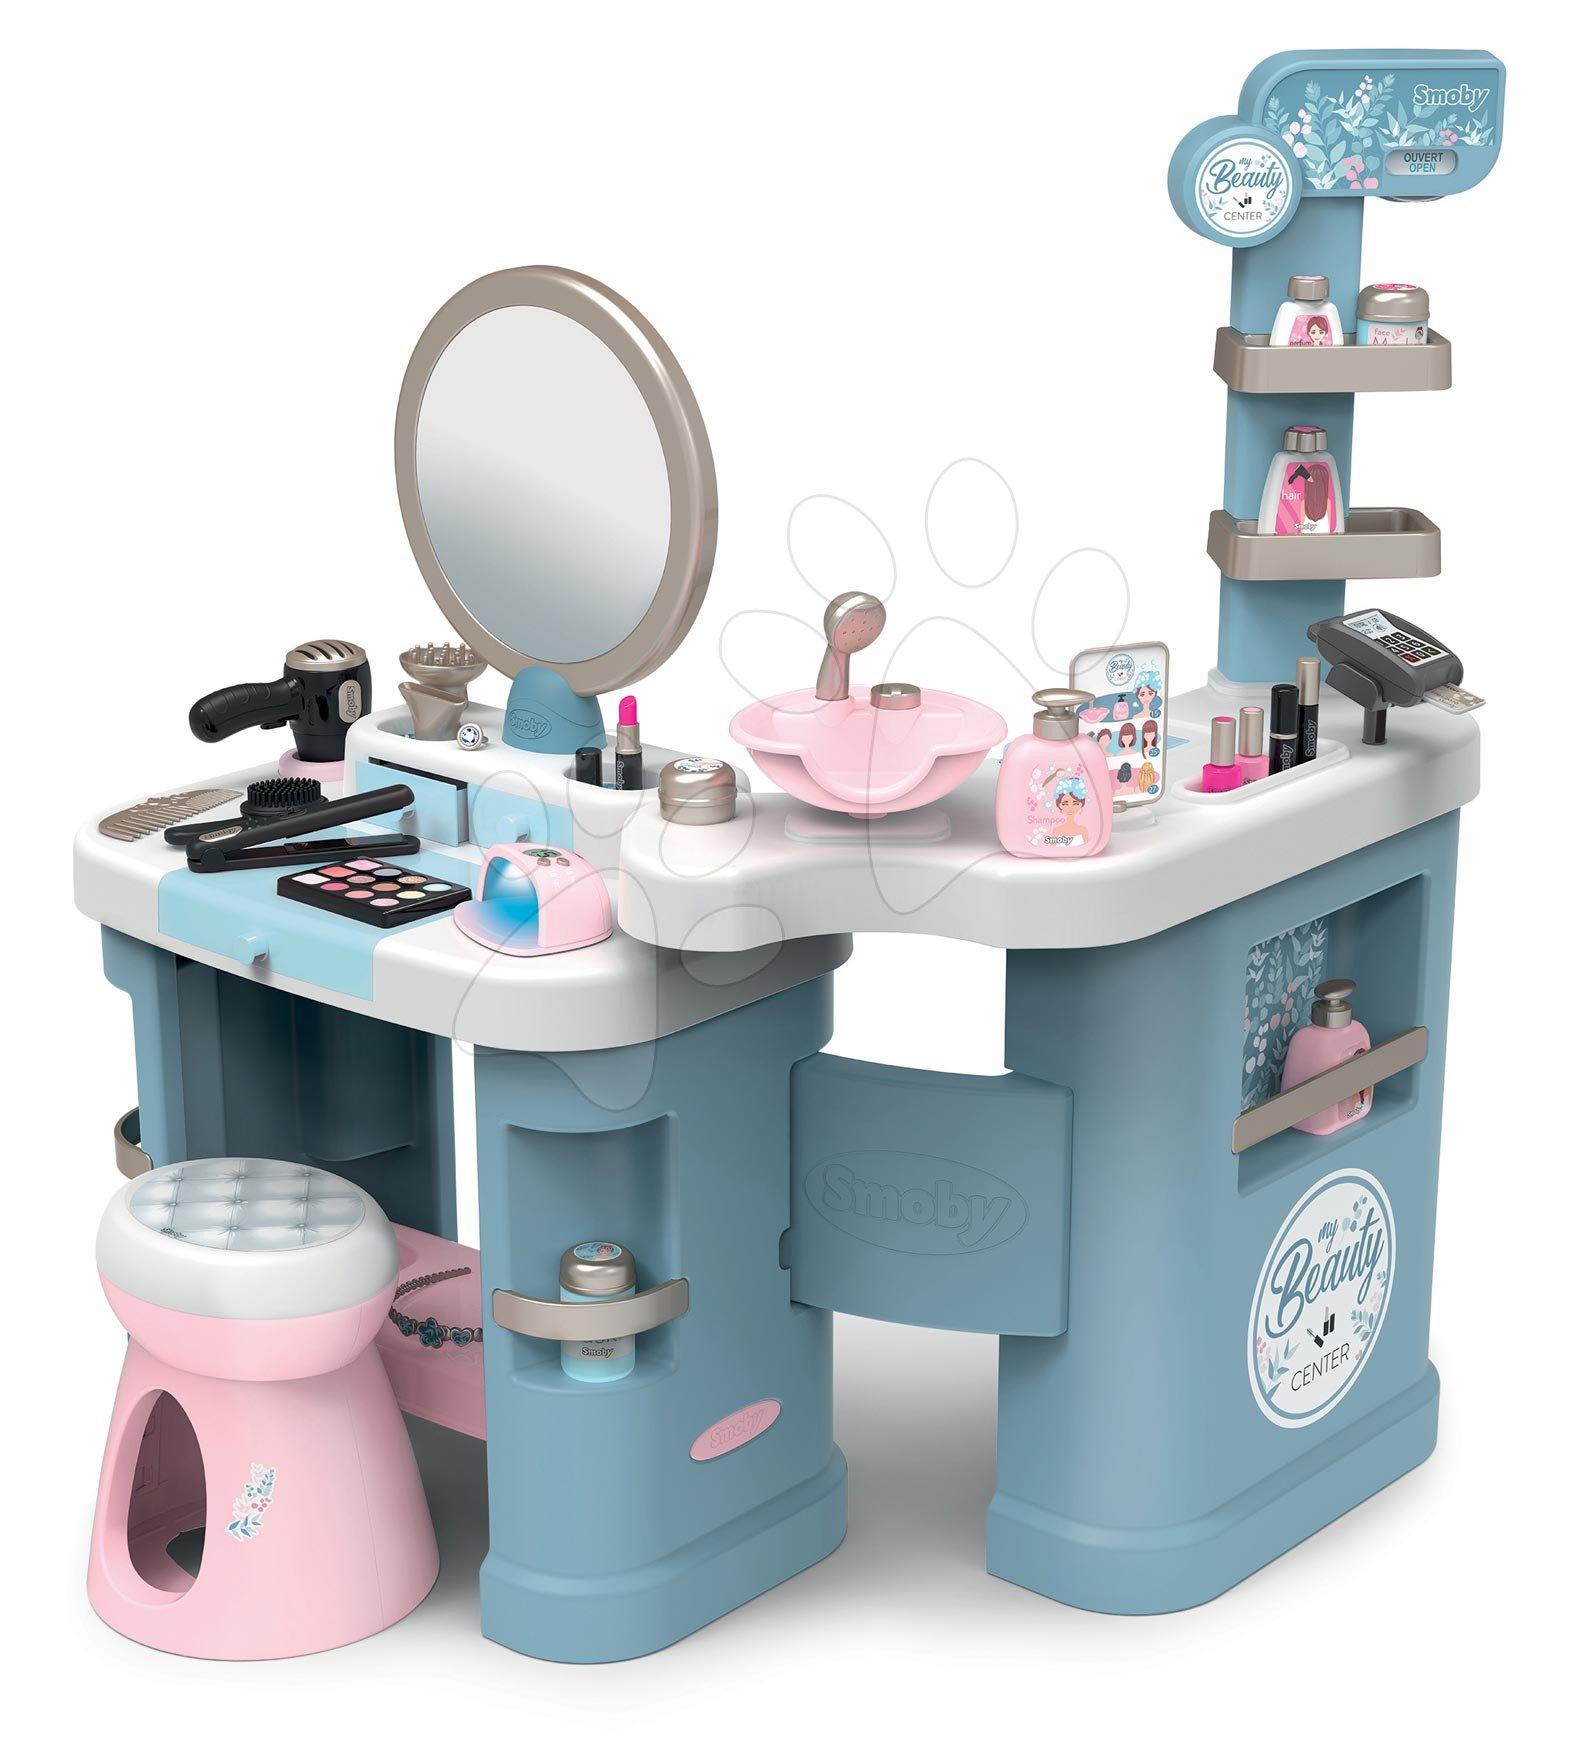 Kozmetična mizica za otroke - Kozmetična mizica elektronska My Beauty Center 3in1 Smoby frizerstvo in kozmetični salon z manikiro ter 32 dodatkov